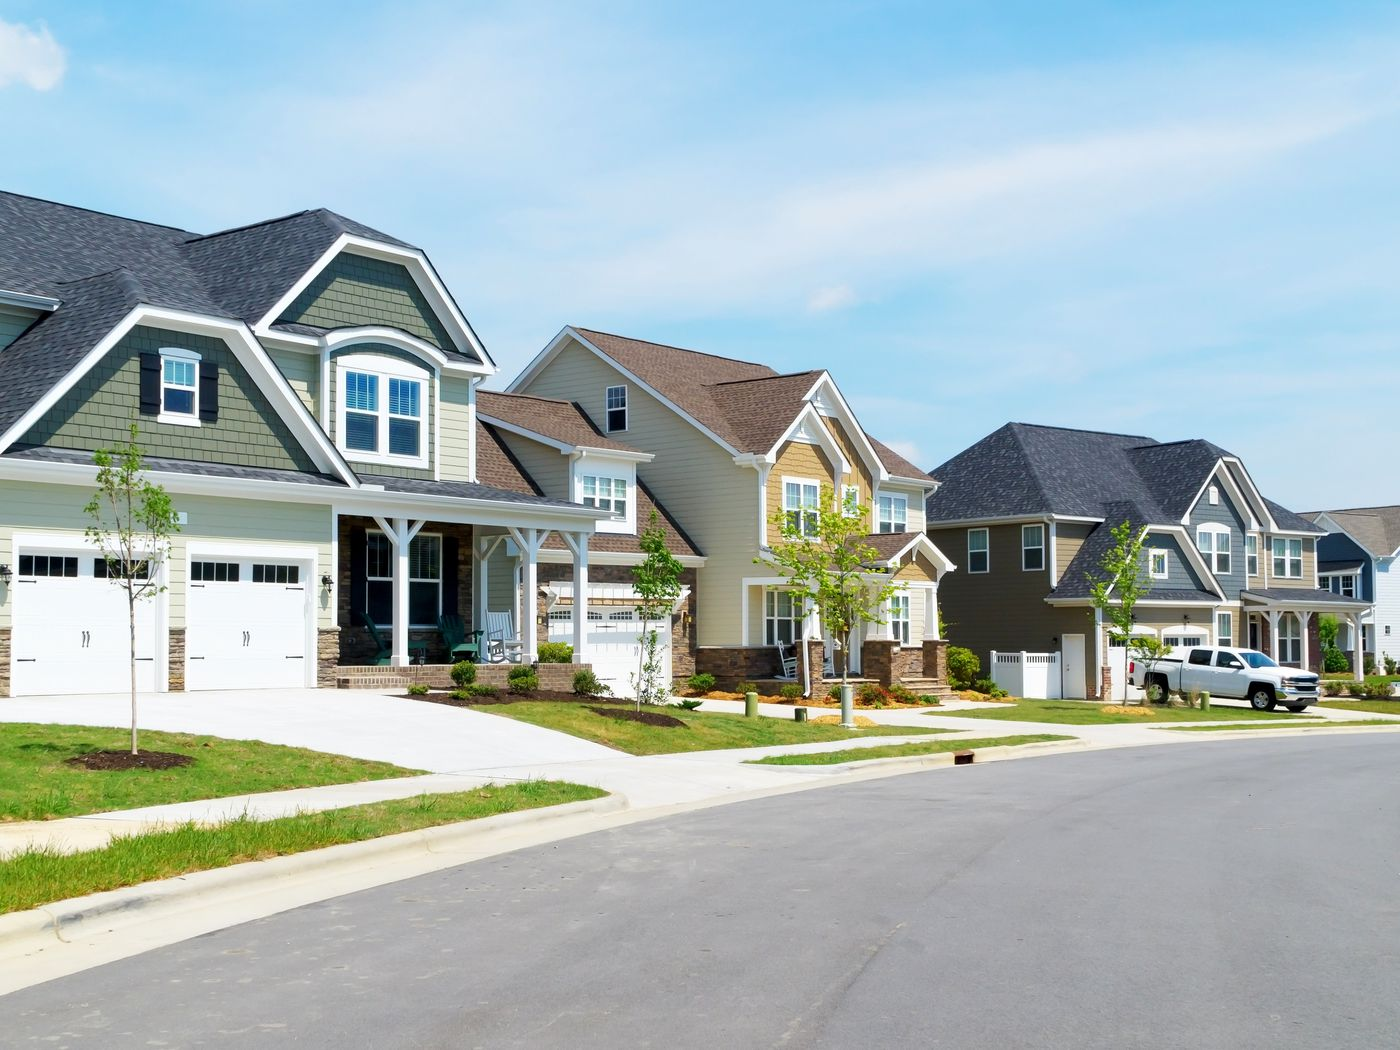 New houses go longer